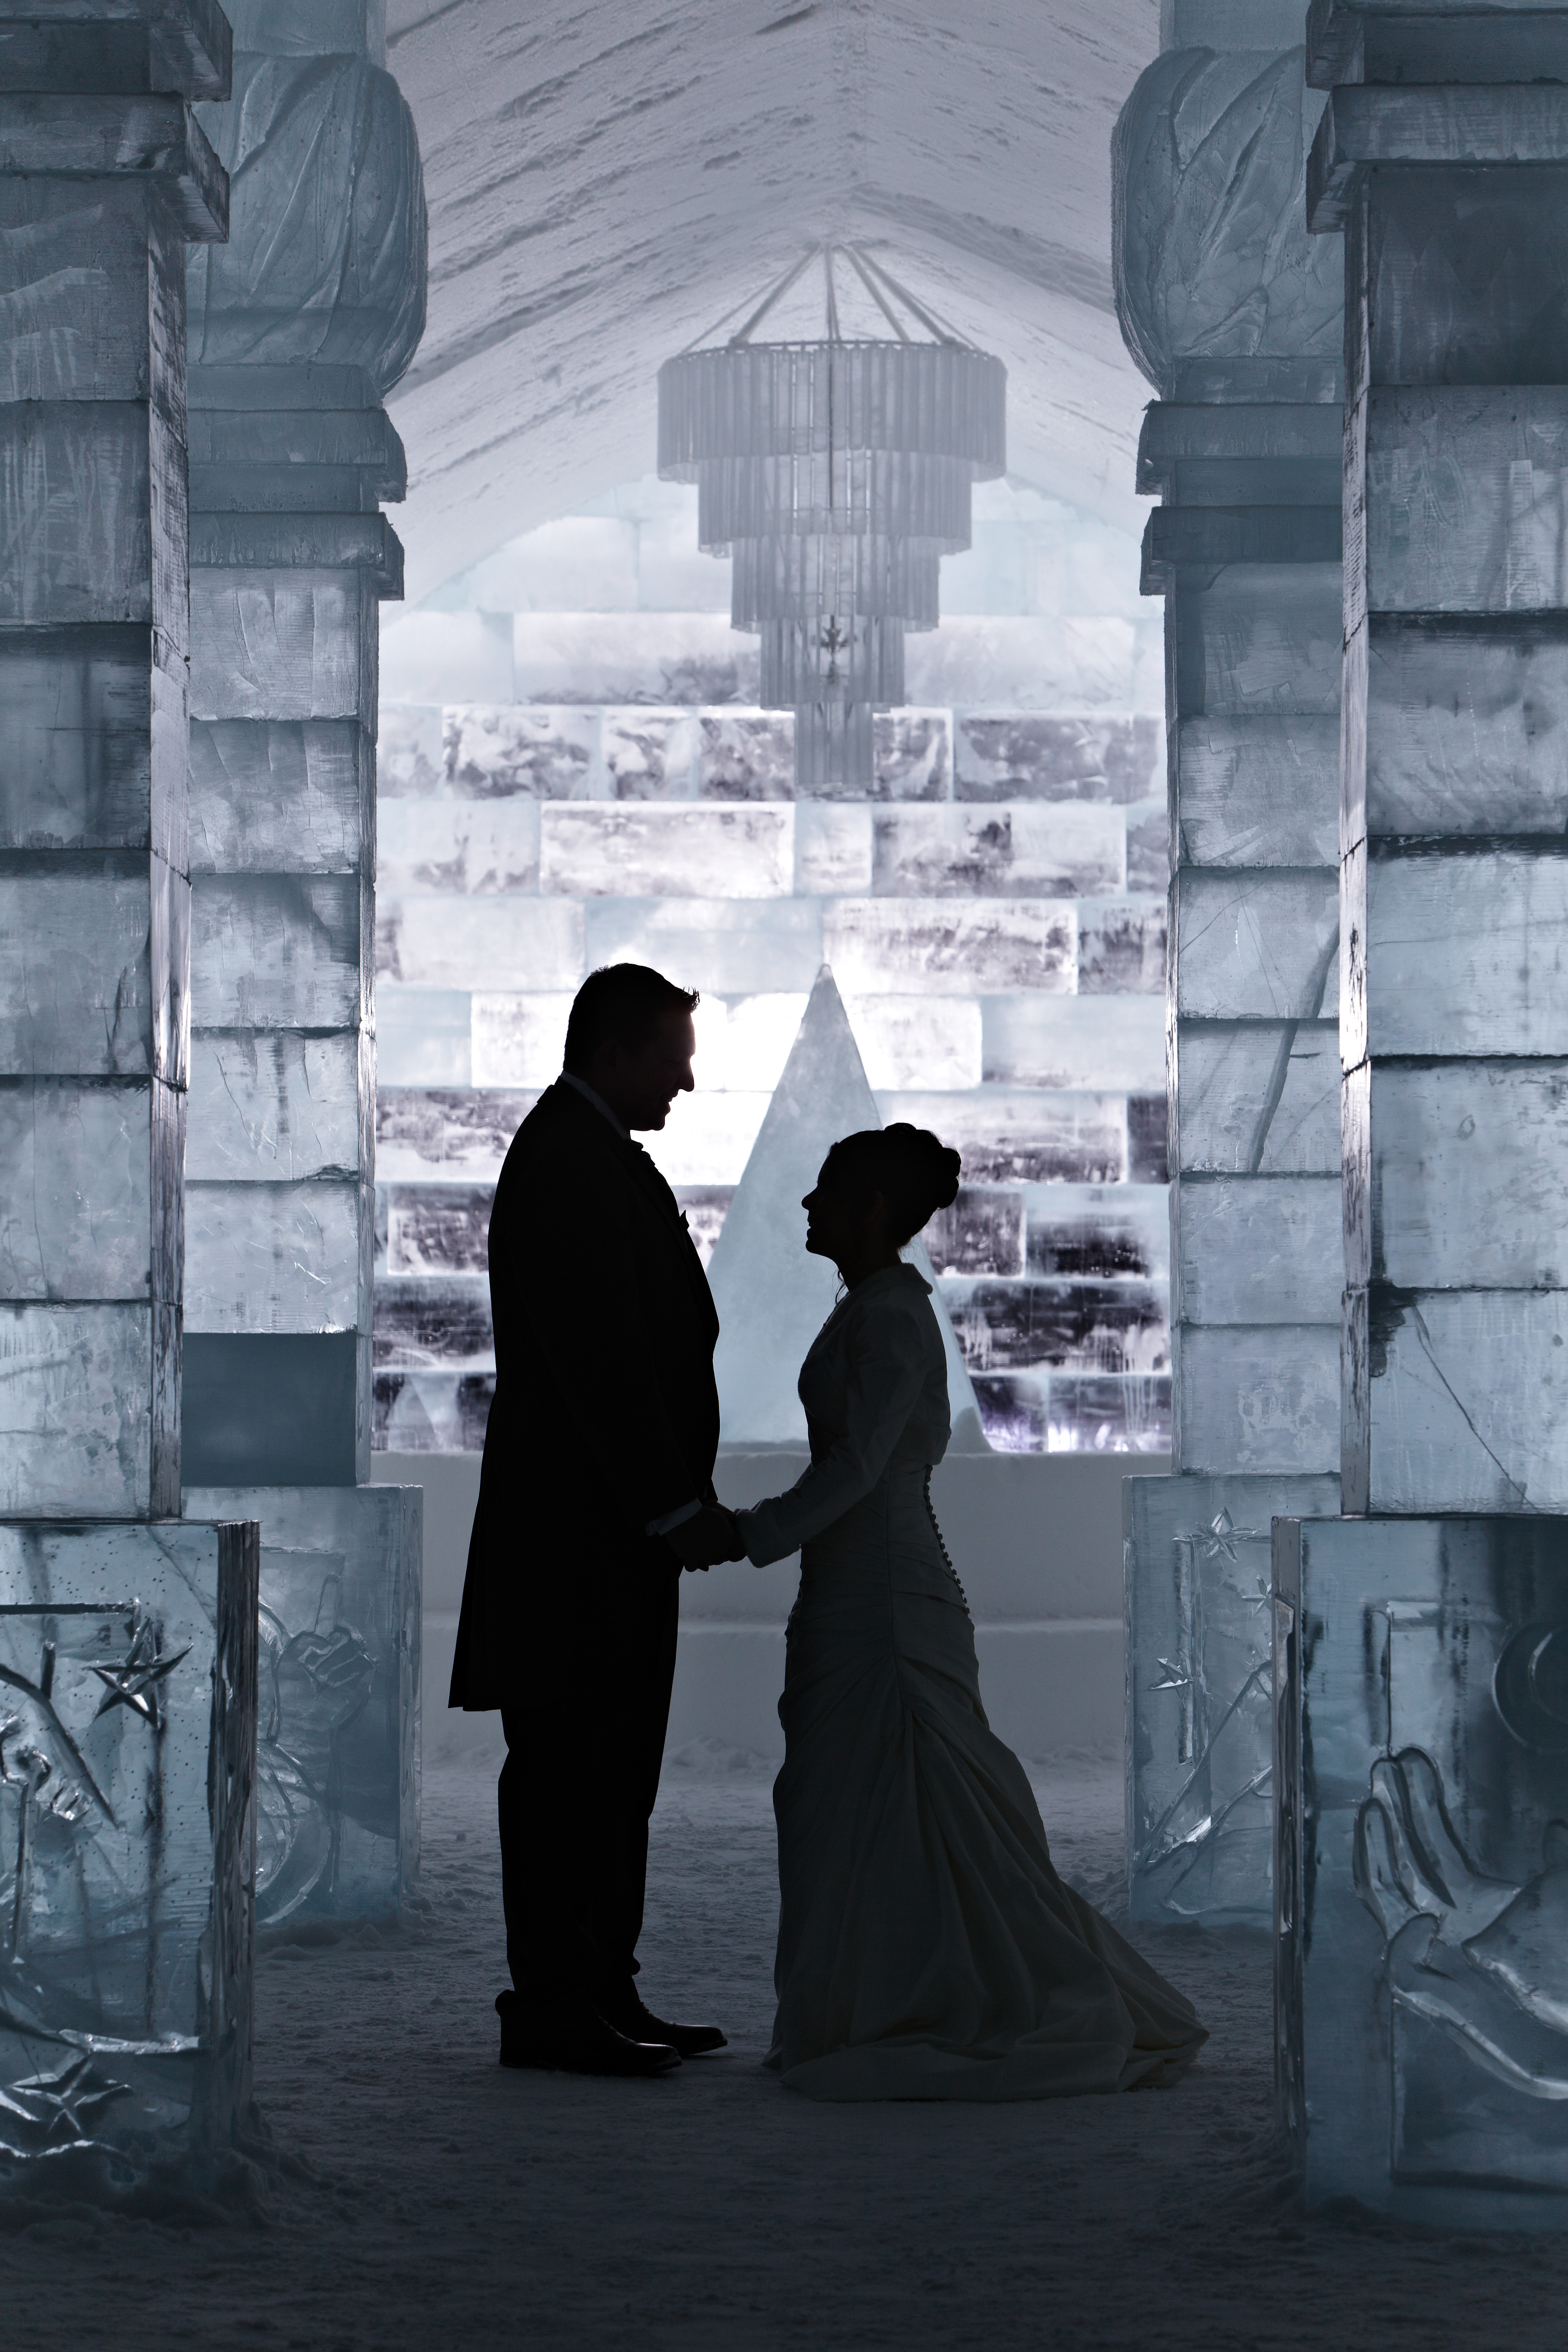 Nietypowe miejsce do zawarcia związku małżeńskiego